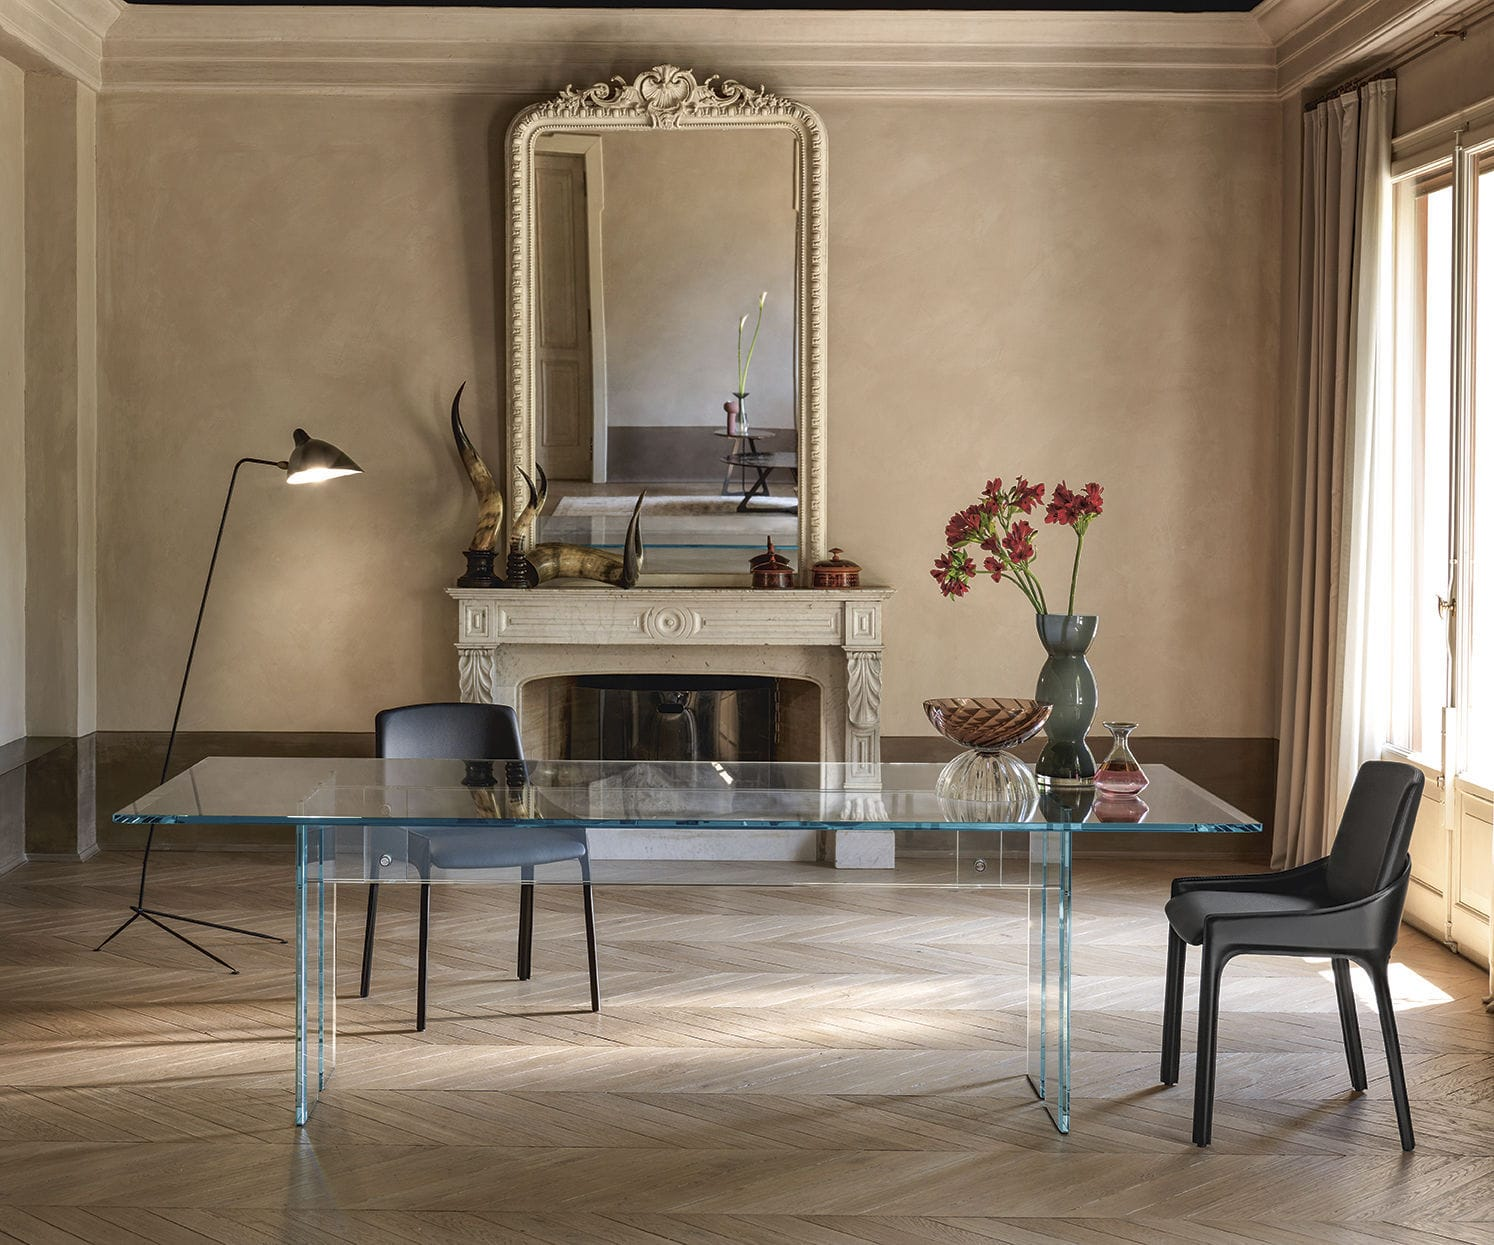 Tavolo da pranzo moderno - LLT - FIAM ITALIA - in vetro ...